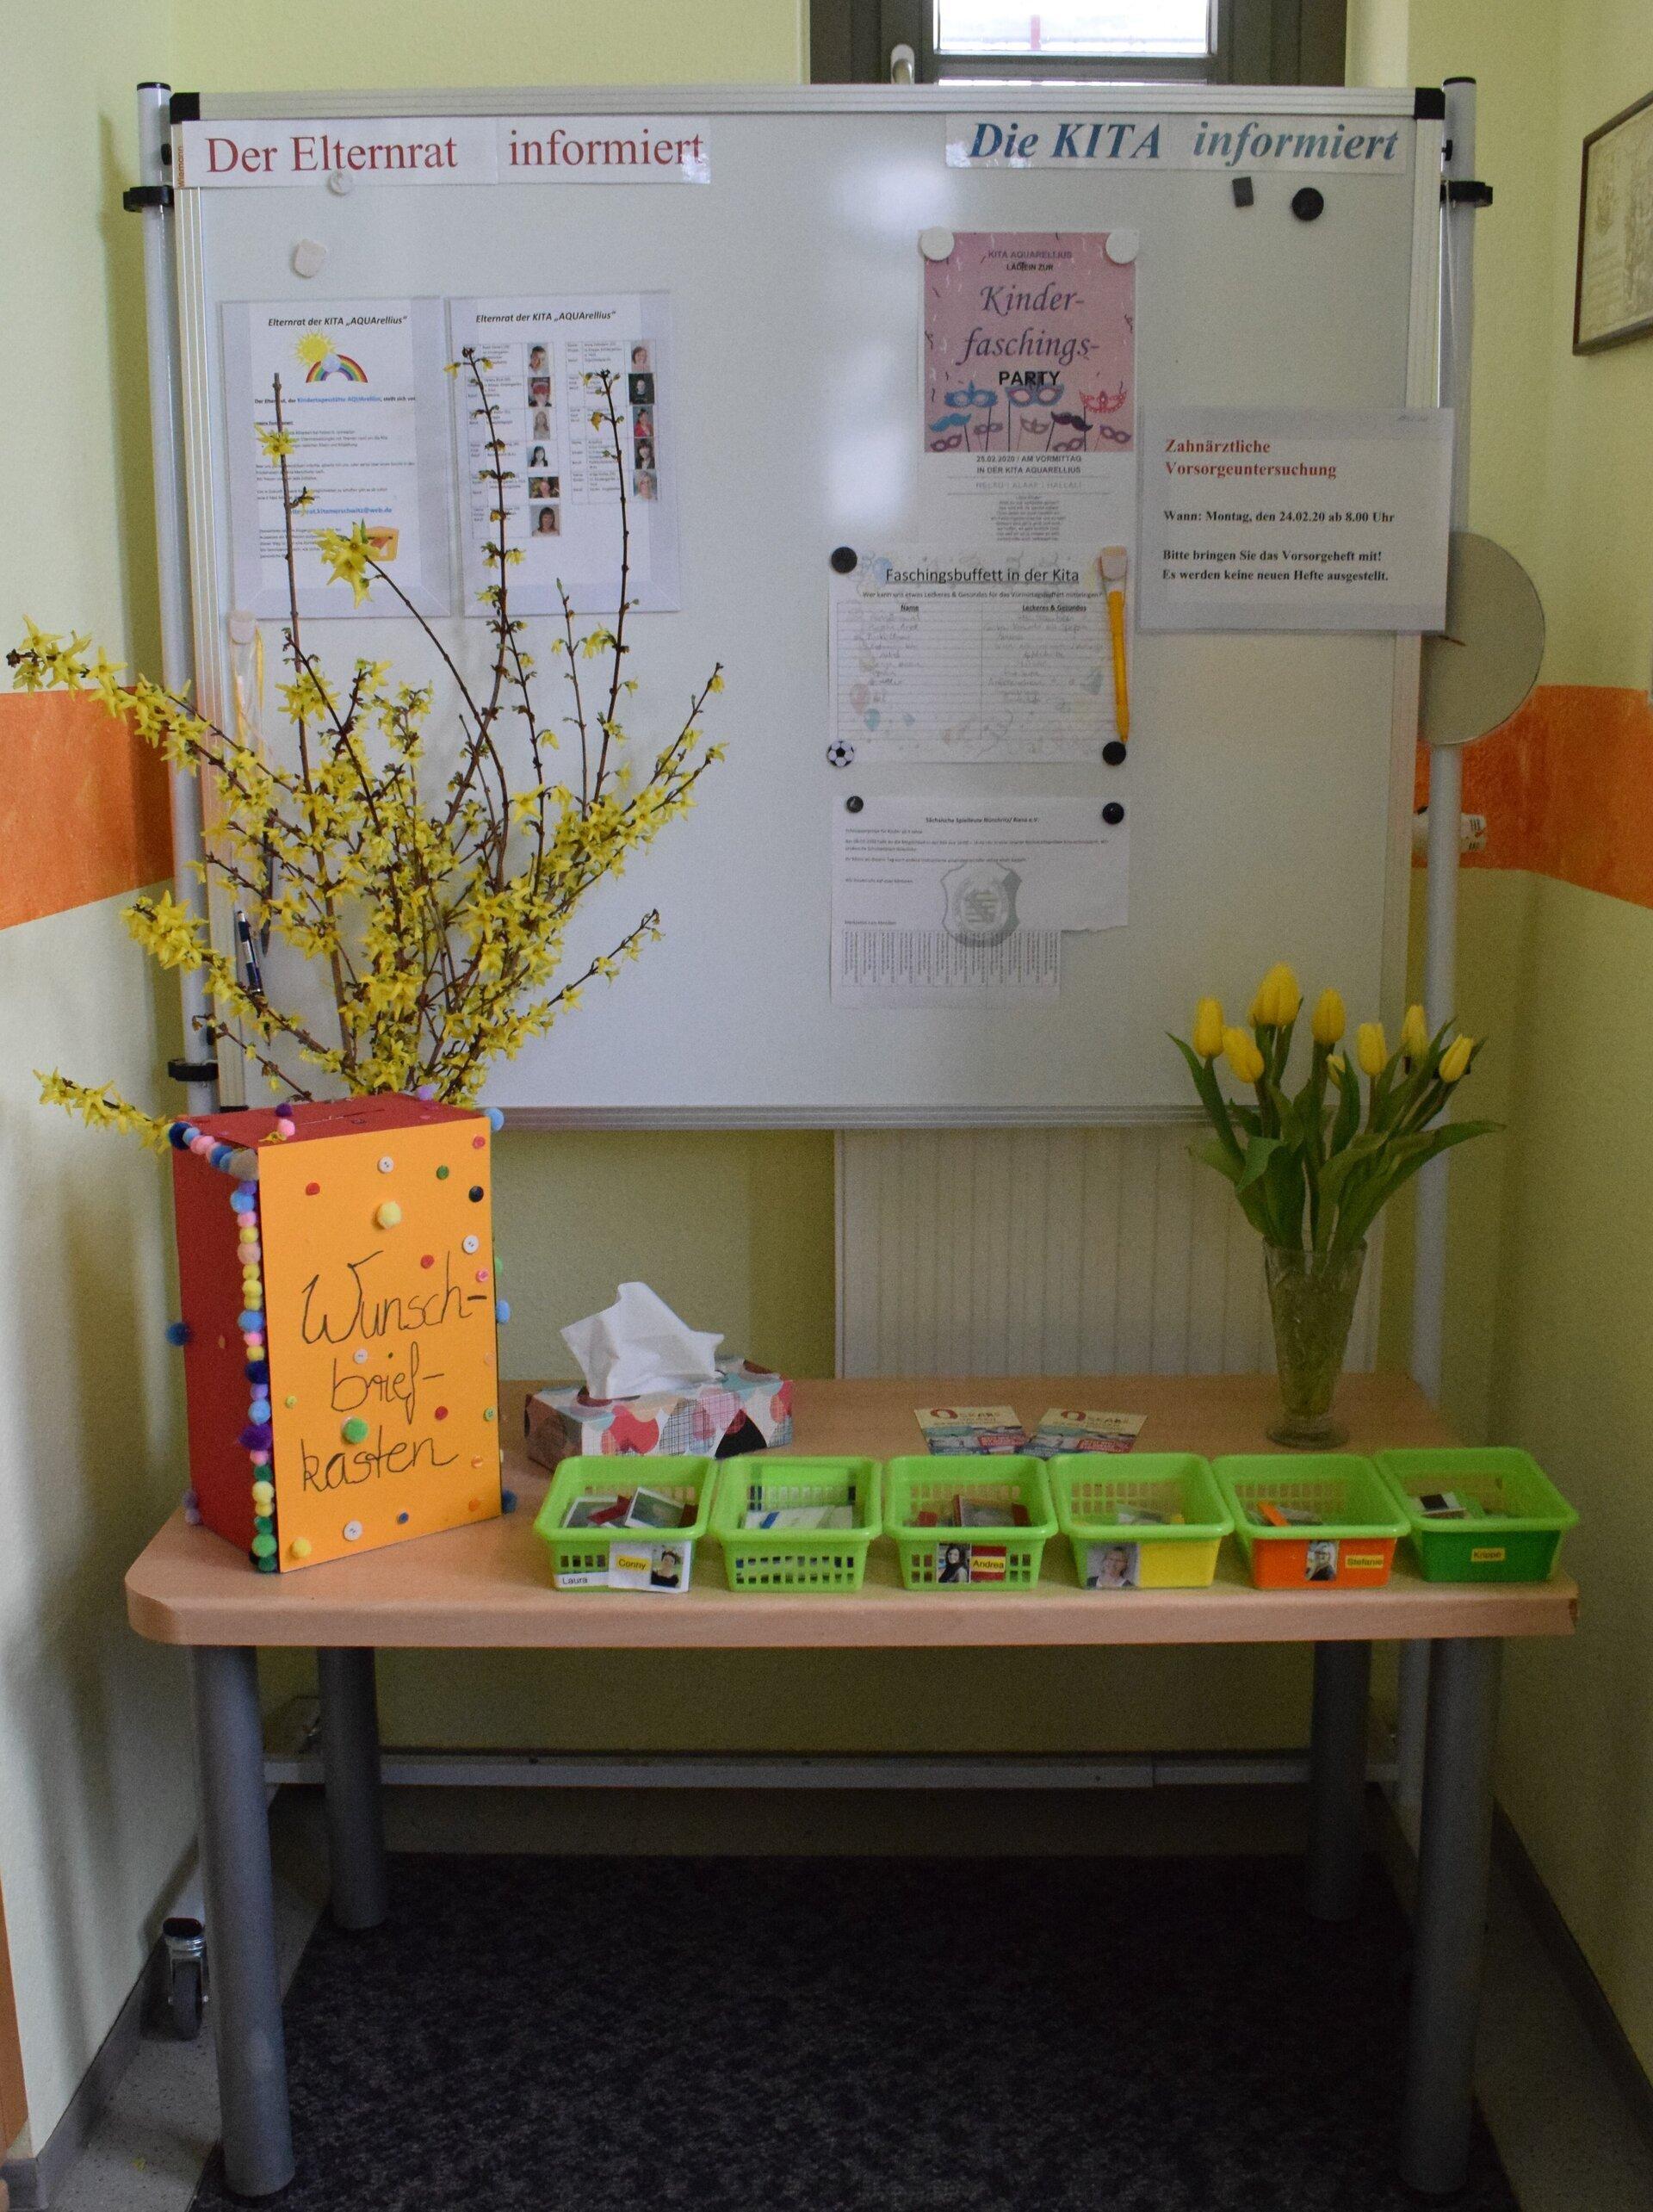 Eingangsbereich mit Info-Tafel und Ausweisen der Kinder